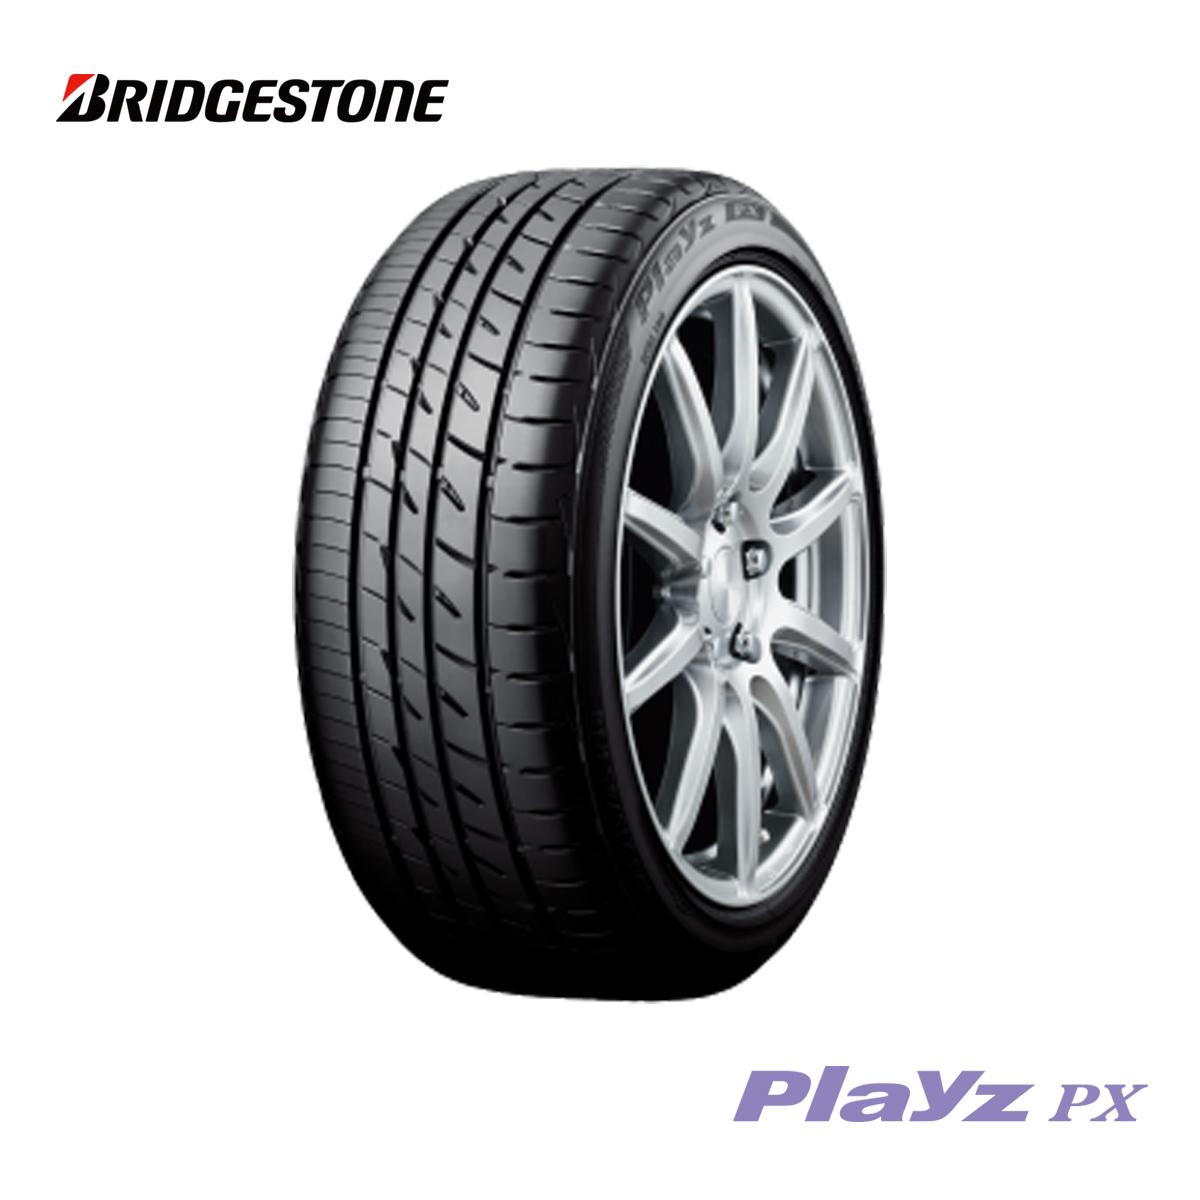 ブリヂストン BS 16インチ タイヤ 215/55R16 215 55 16 93V プレイズ サマー タイヤ 2本 93V 低燃費 エコ 夏 セダン クーペ BRIDGESTONE Playz PX